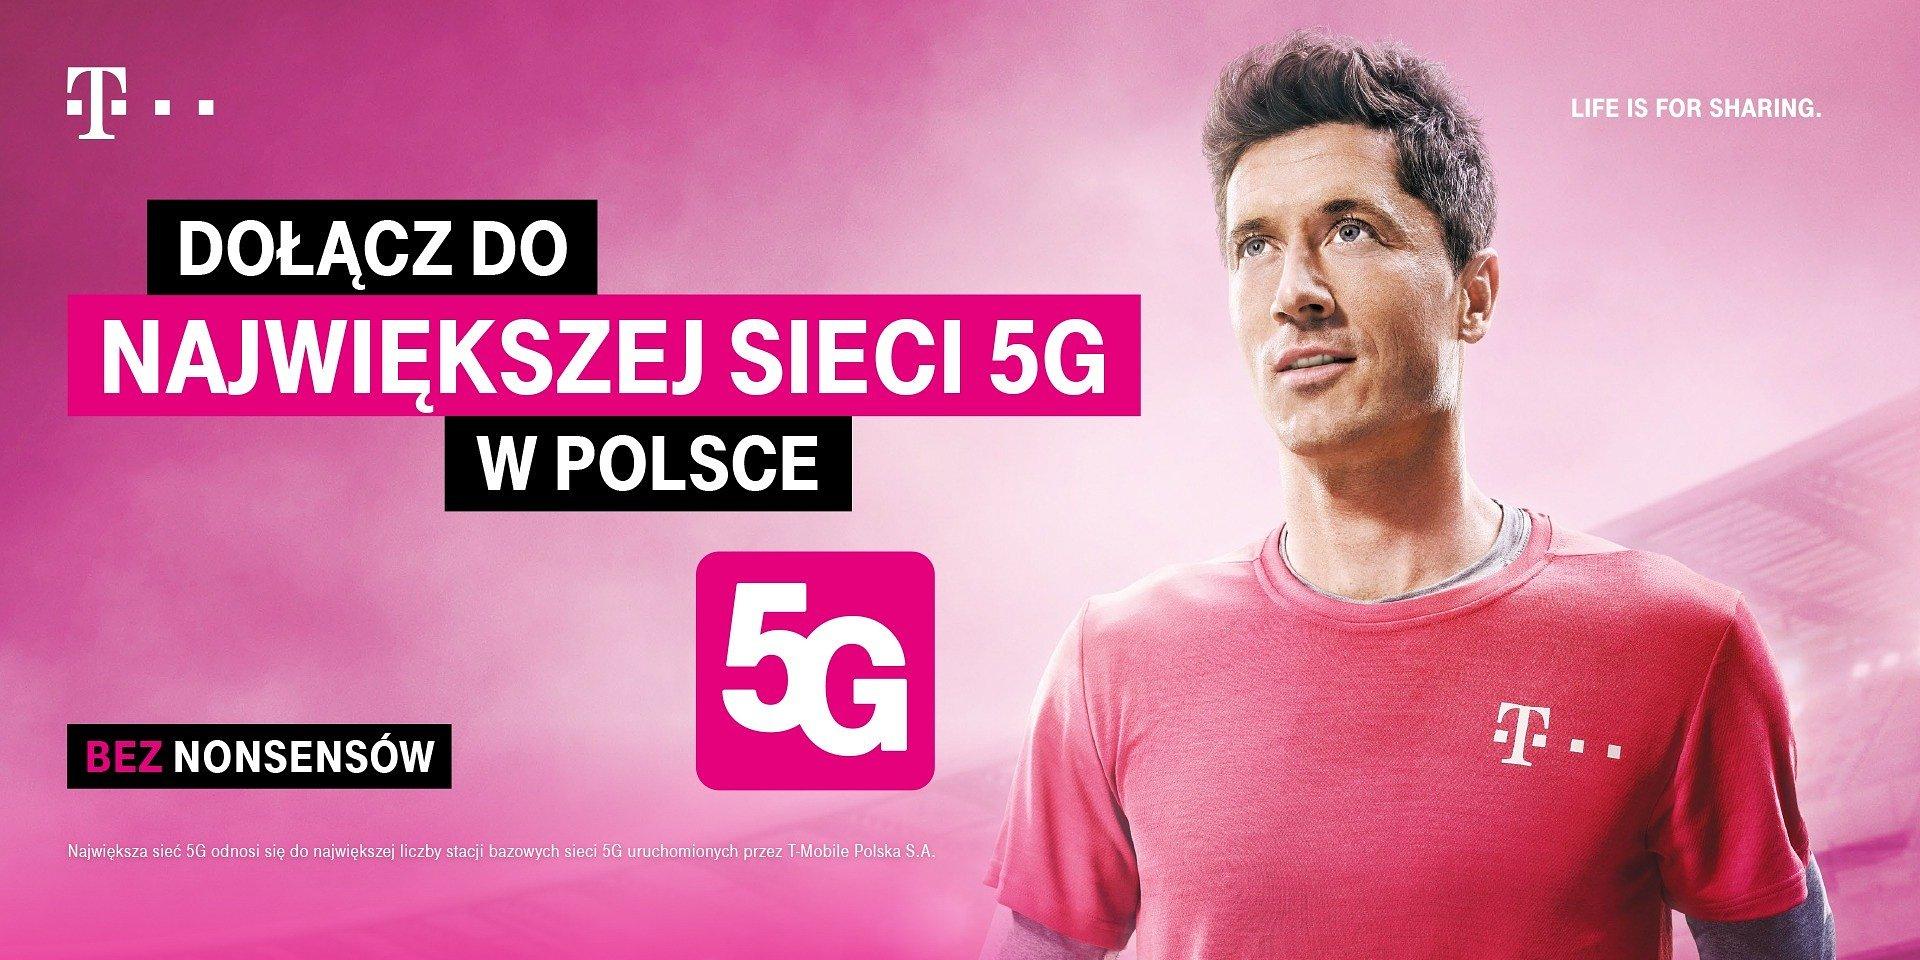 Robert Lewandowski w najnowszej kampanii T-Mobile promuje 5G i jakość sieci operatora